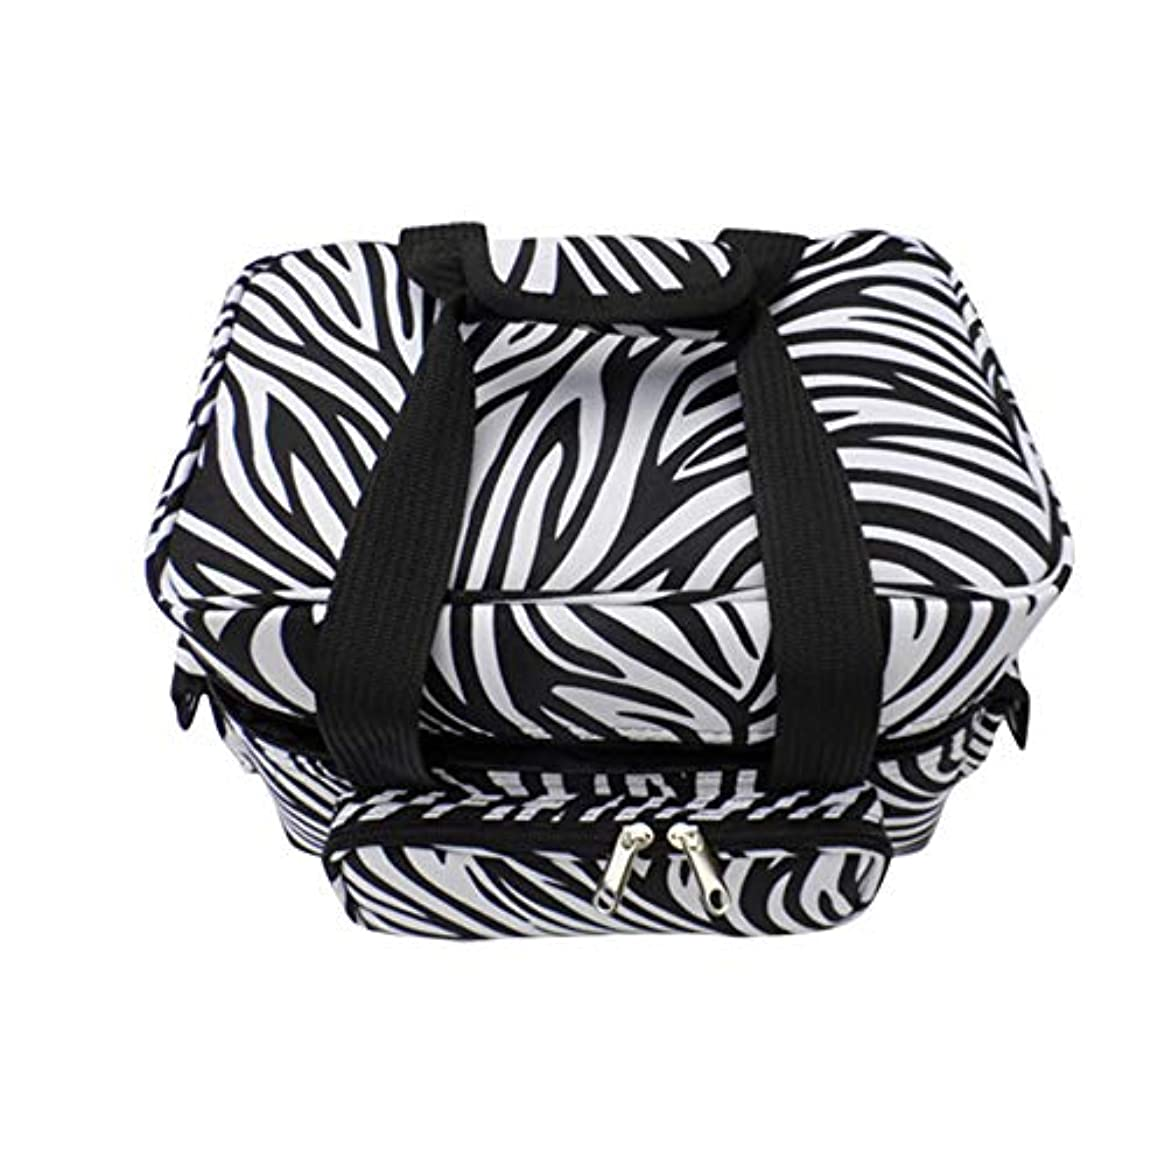 寄付不和論文化粧オーガナイザーバッグ ゼブラストライプポータブル化粧品バッグ美容メイクアップと女の子女性旅行とジッパーとトレイで毎日のストレージ 化粧品ケース